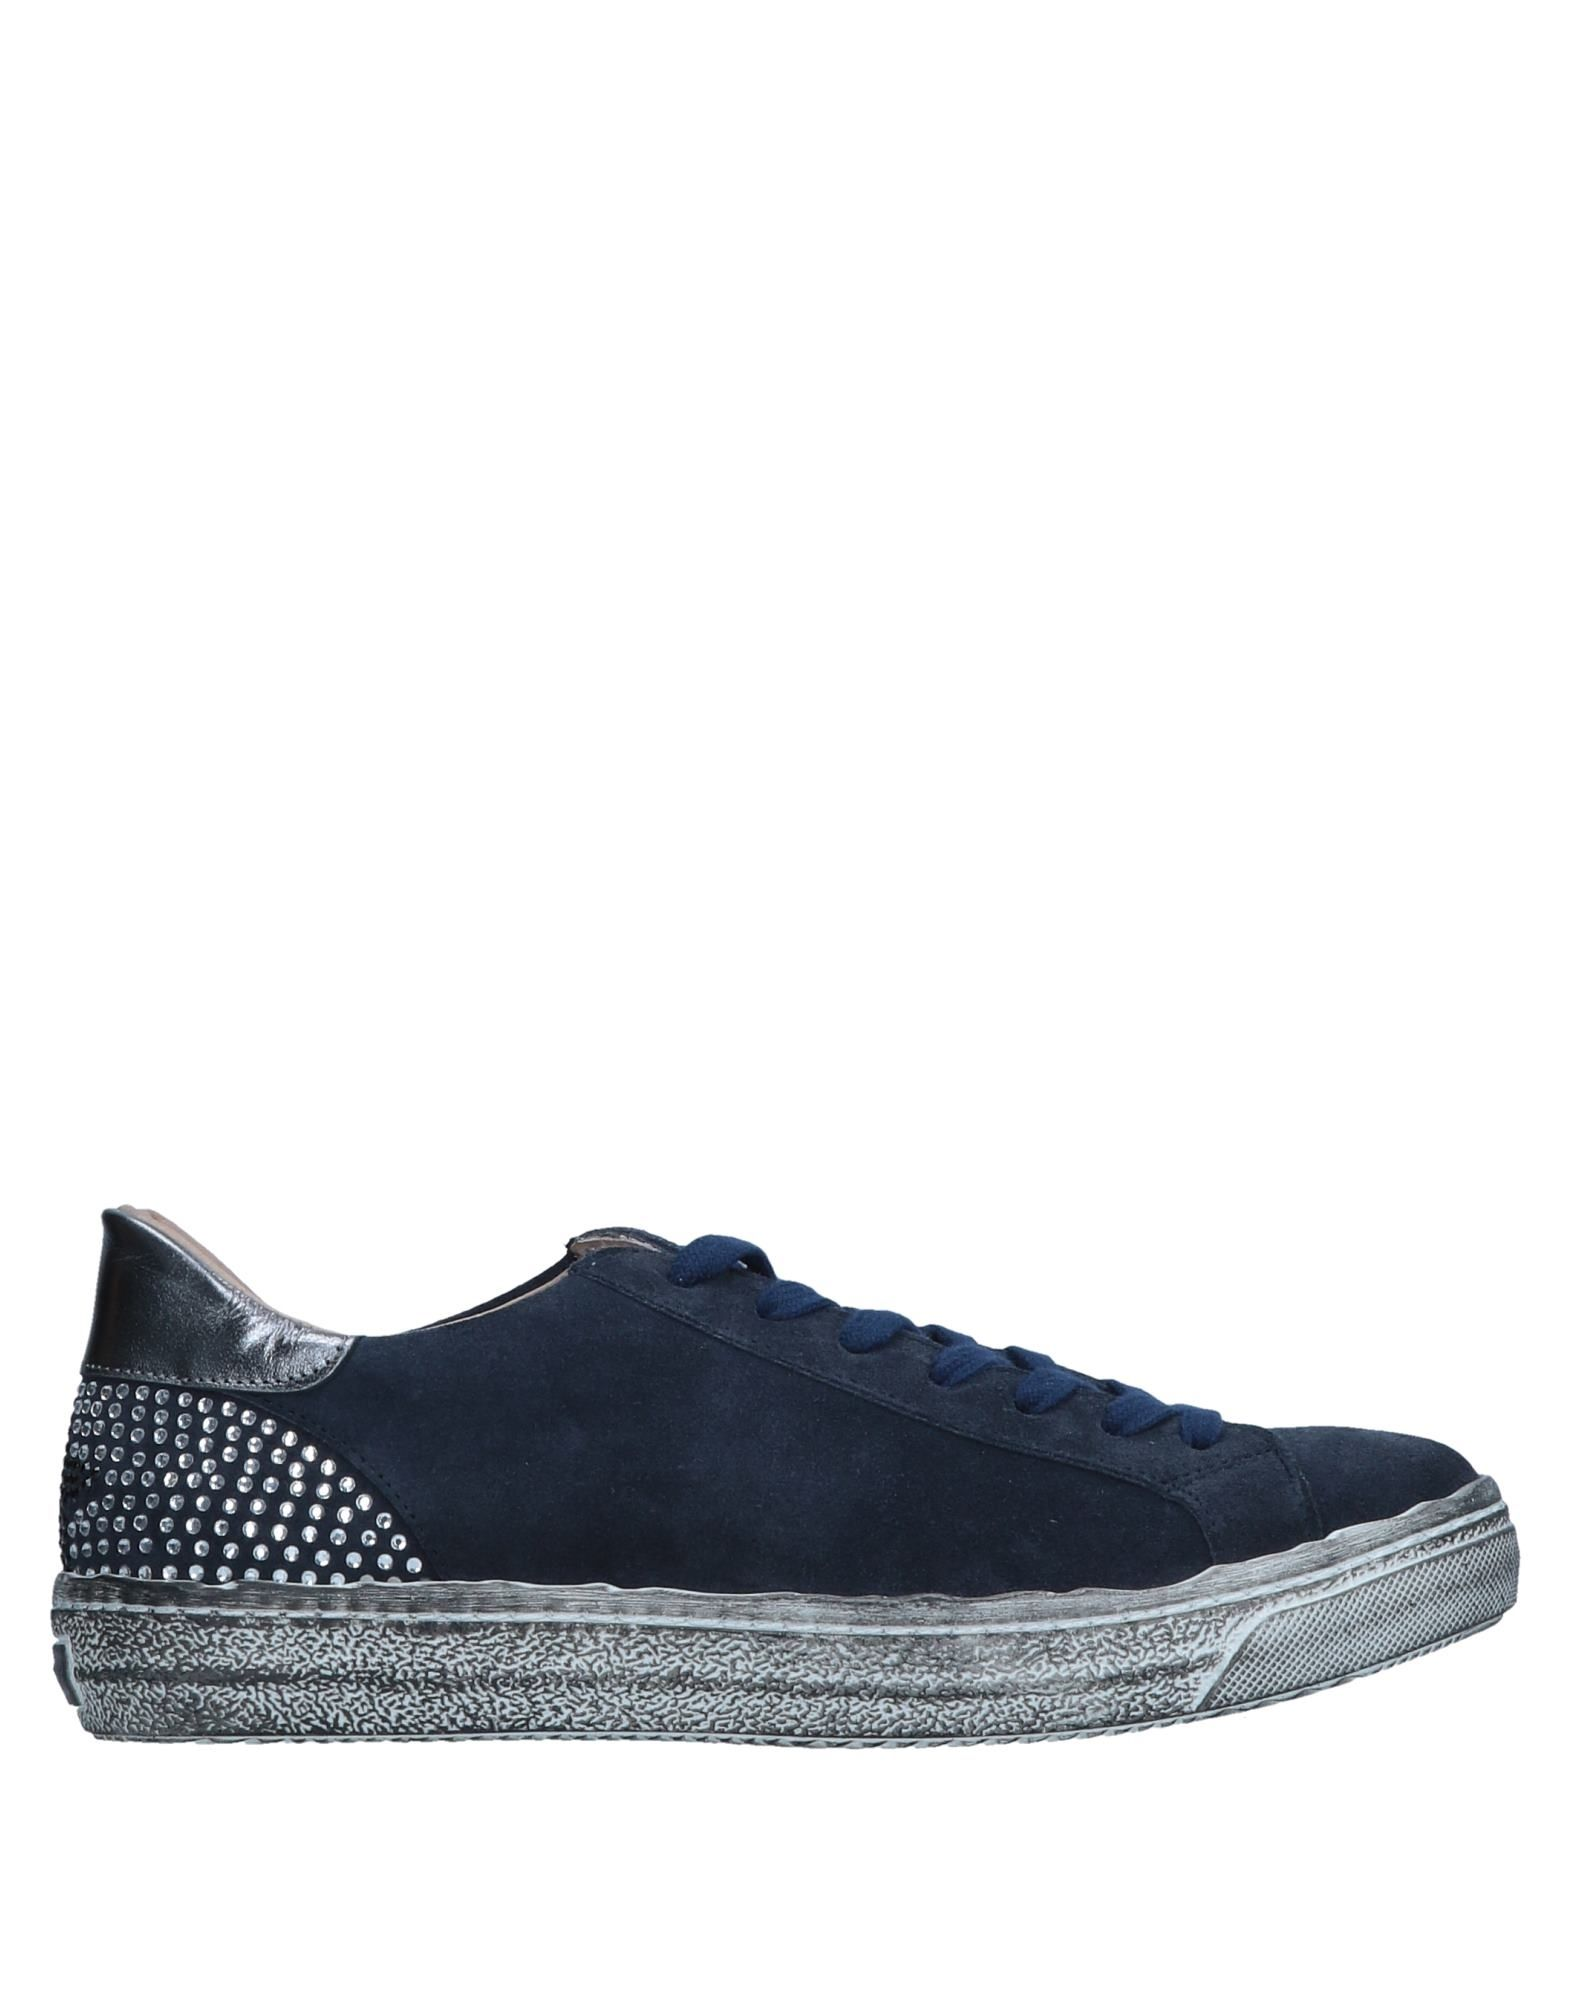 Juli Pascal Paris Sneakers Damen  11556554OM Gute Qualität beliebte Schuhe